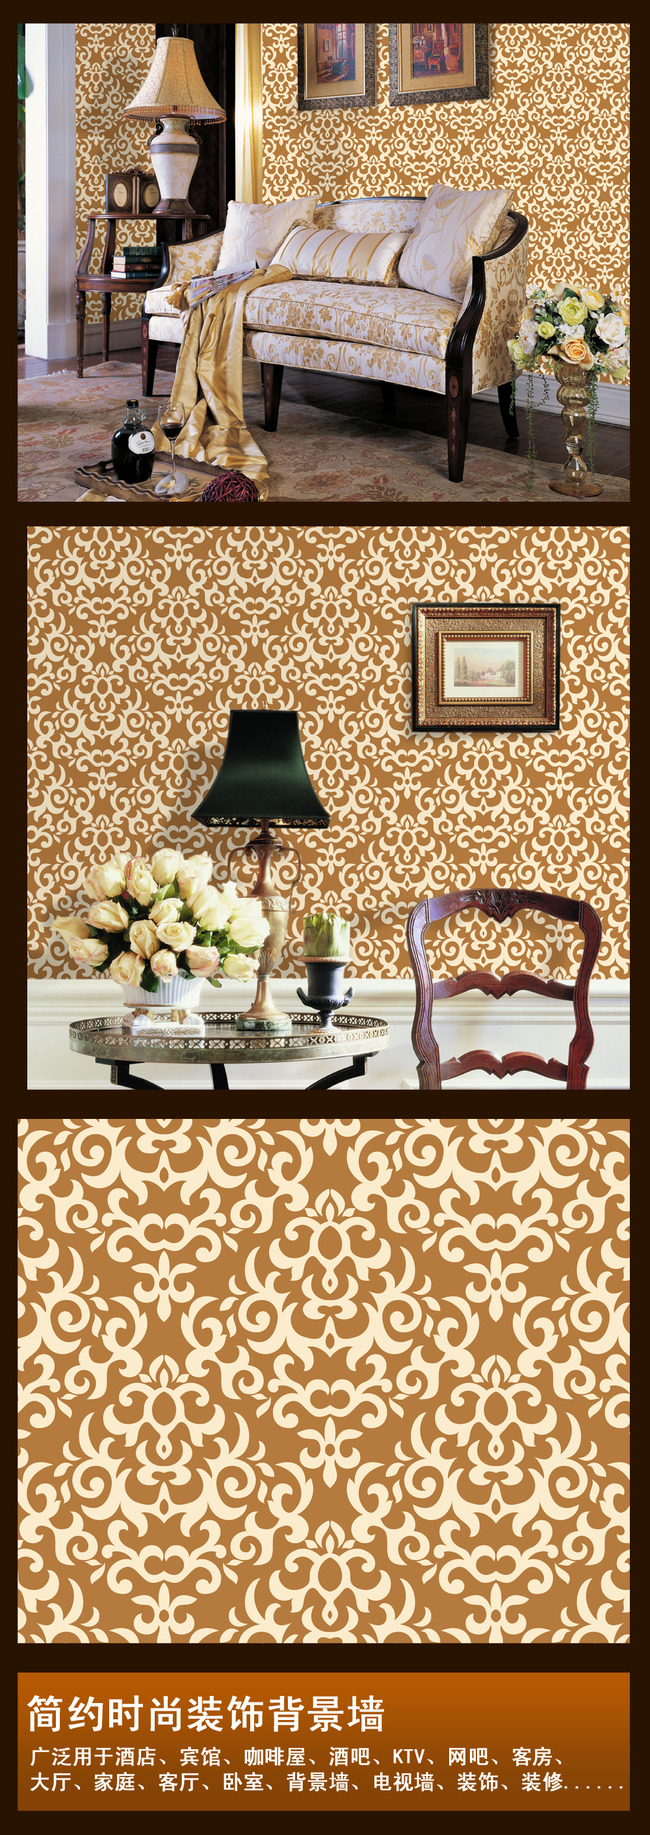 欧式花纹壁纸背景模板下载(图片编号:11510127)